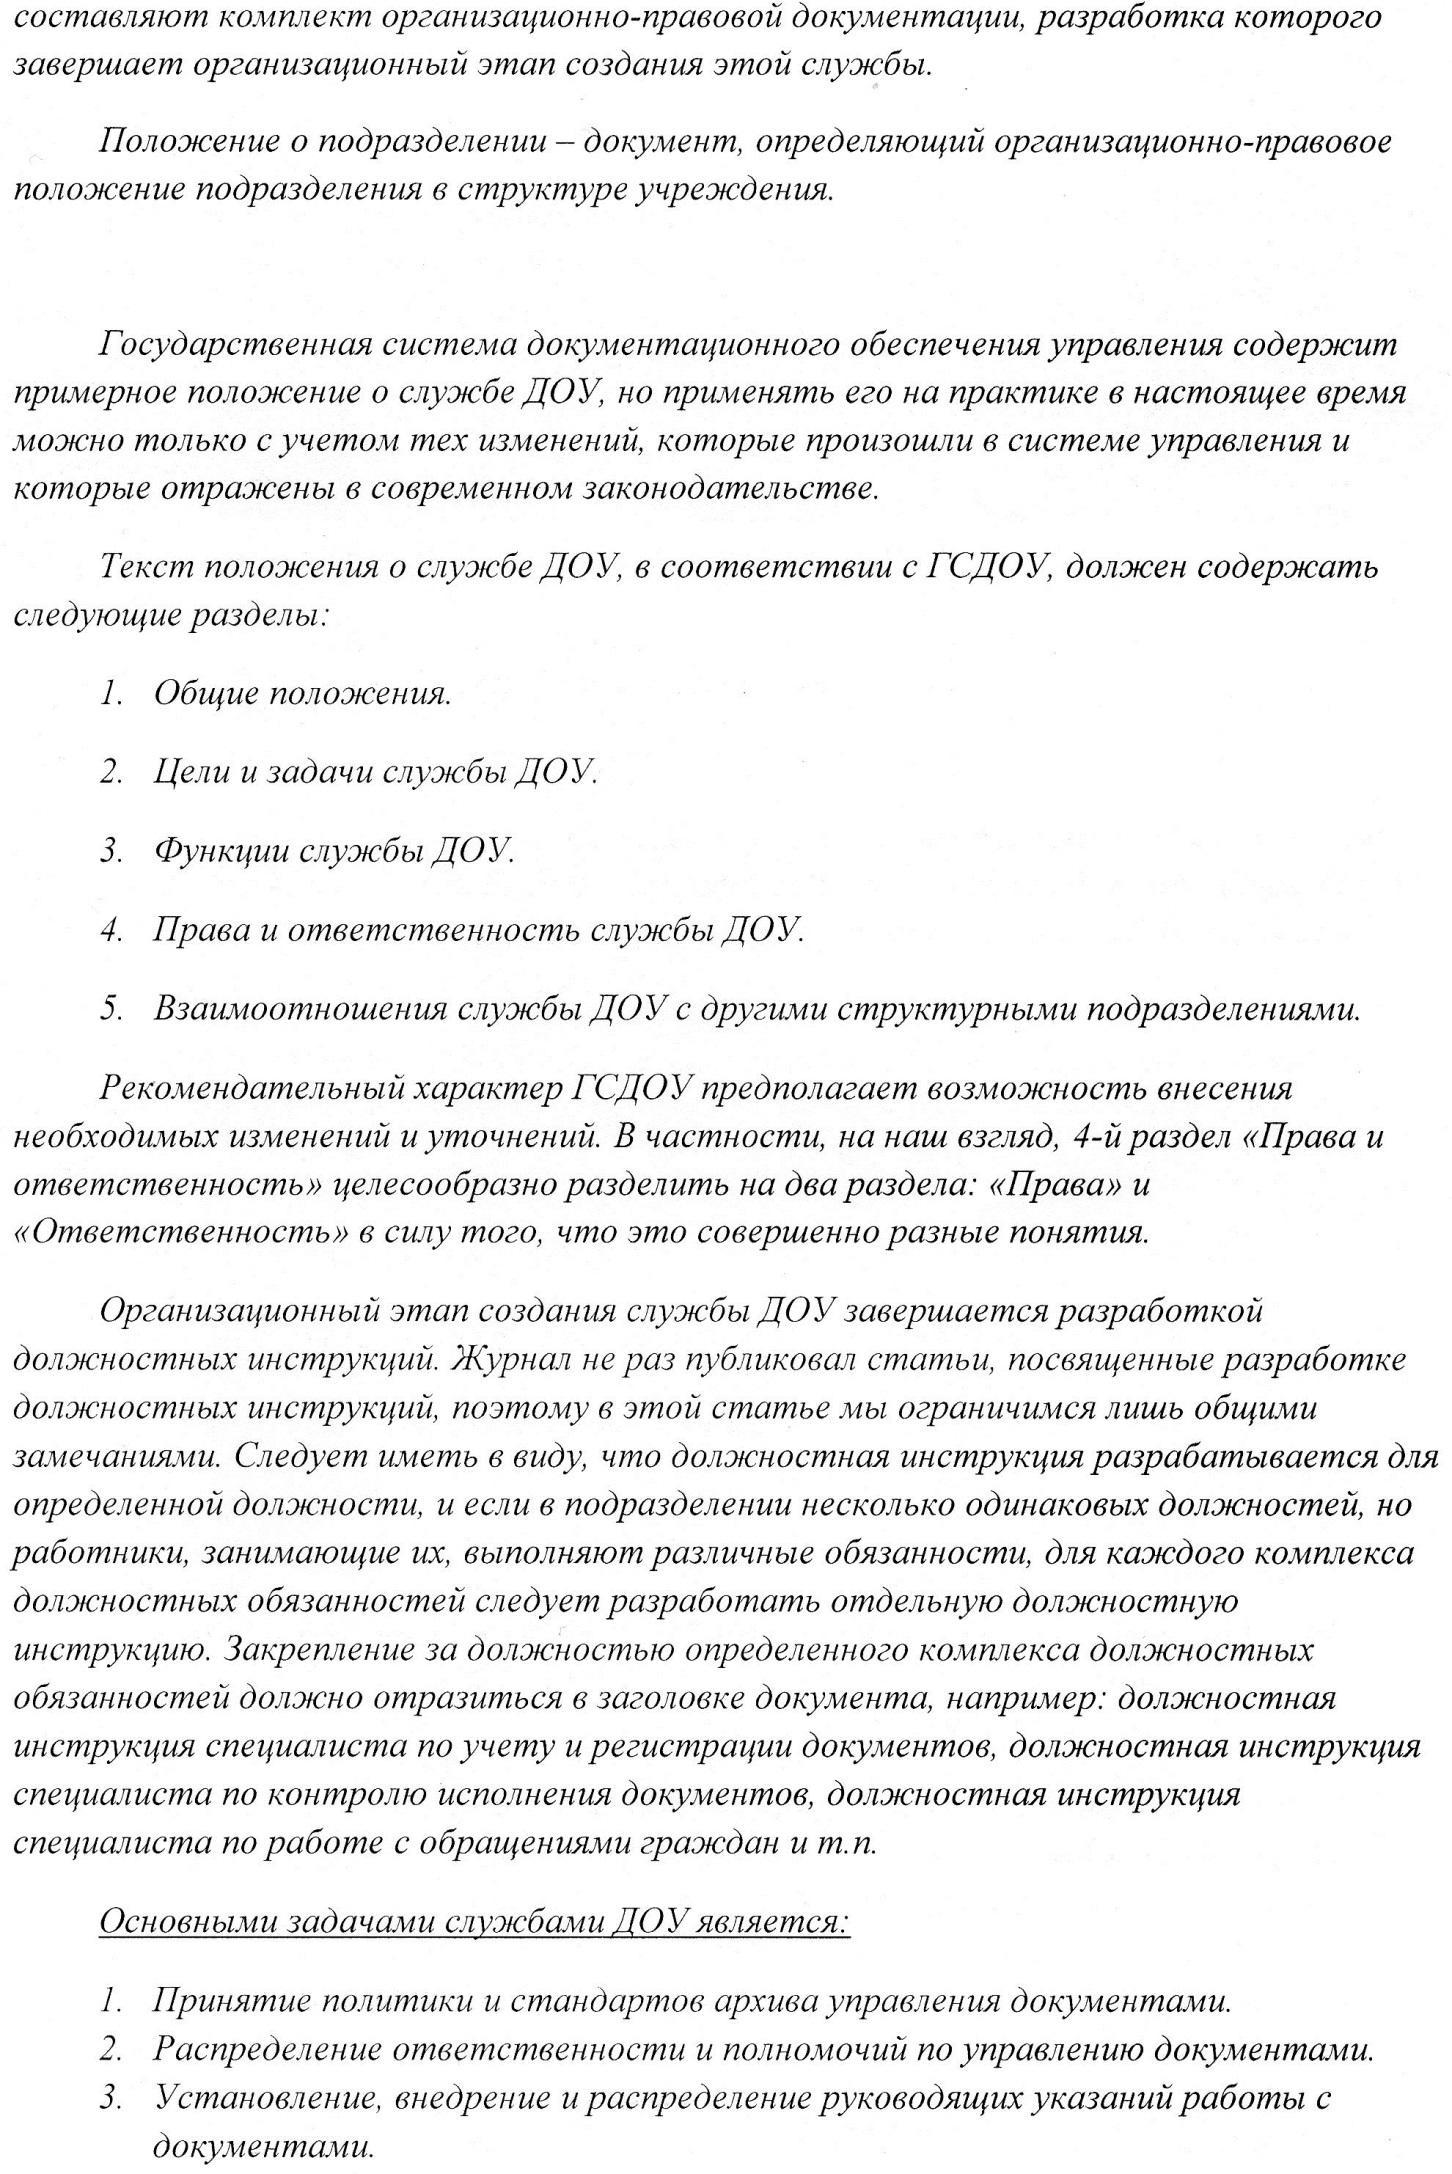 Инструкция по делопроизводства в органах местного самоуправления